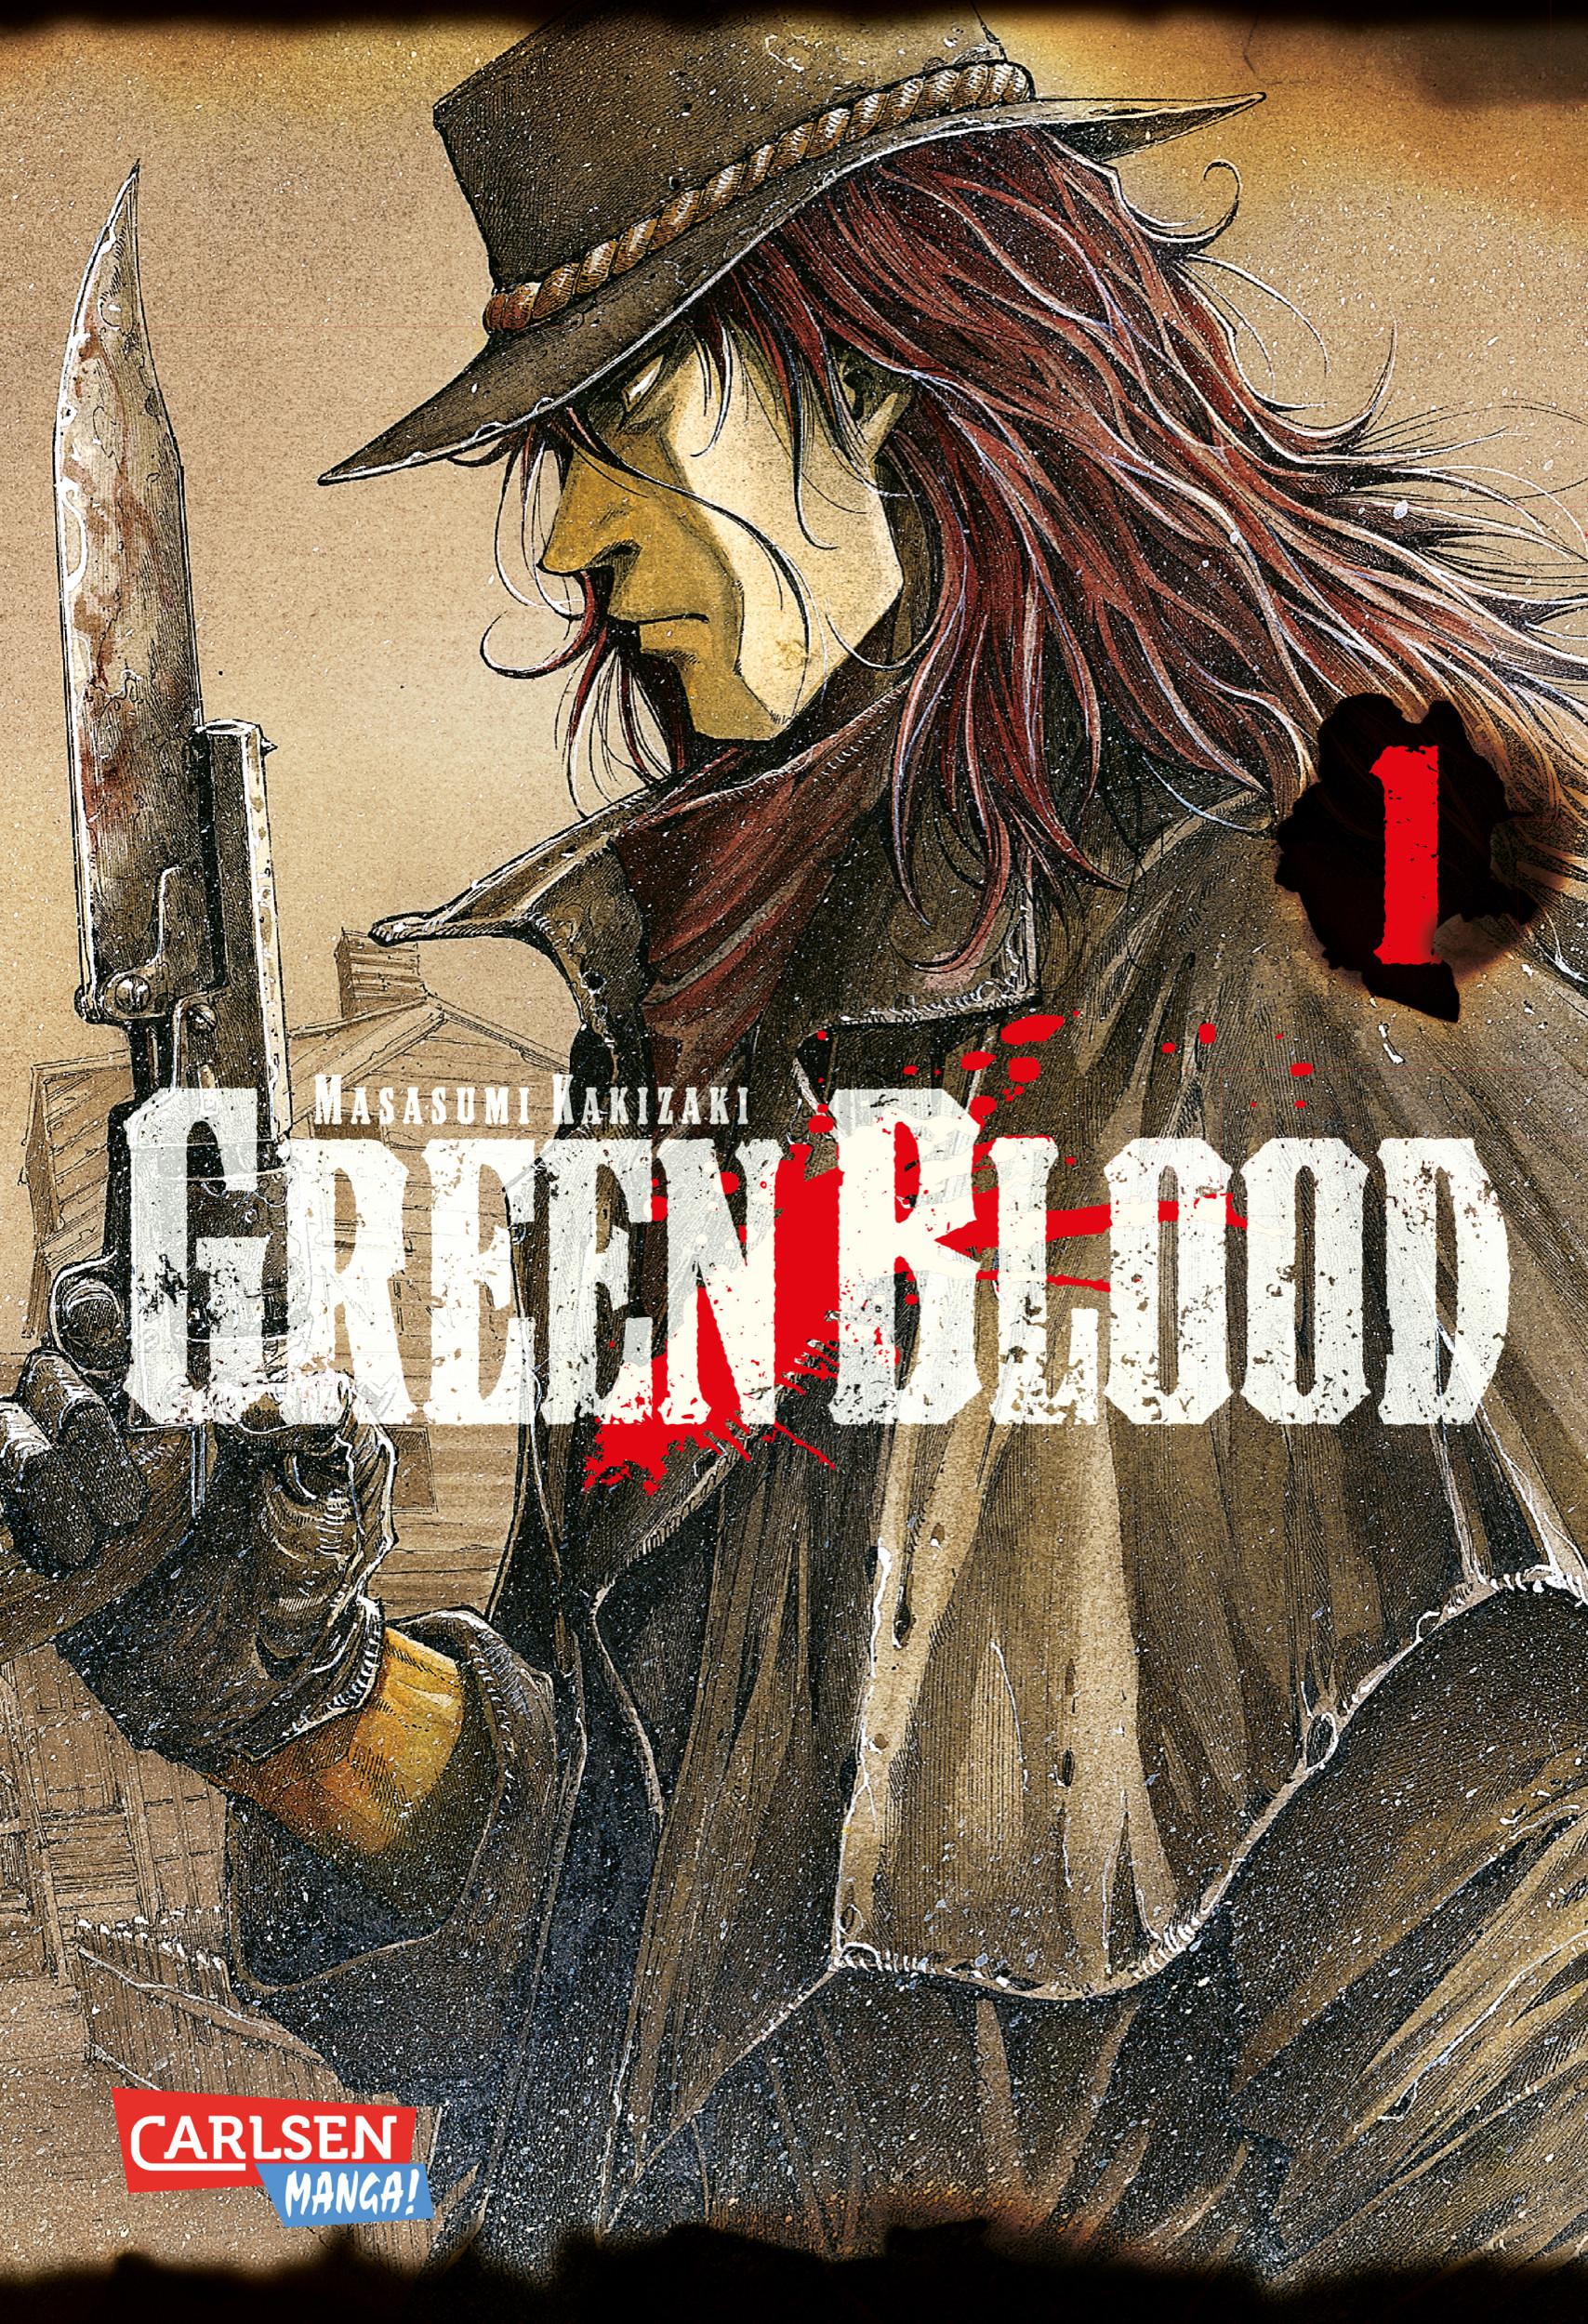 Green Blood, Band 1 Masasumi Kakizaki